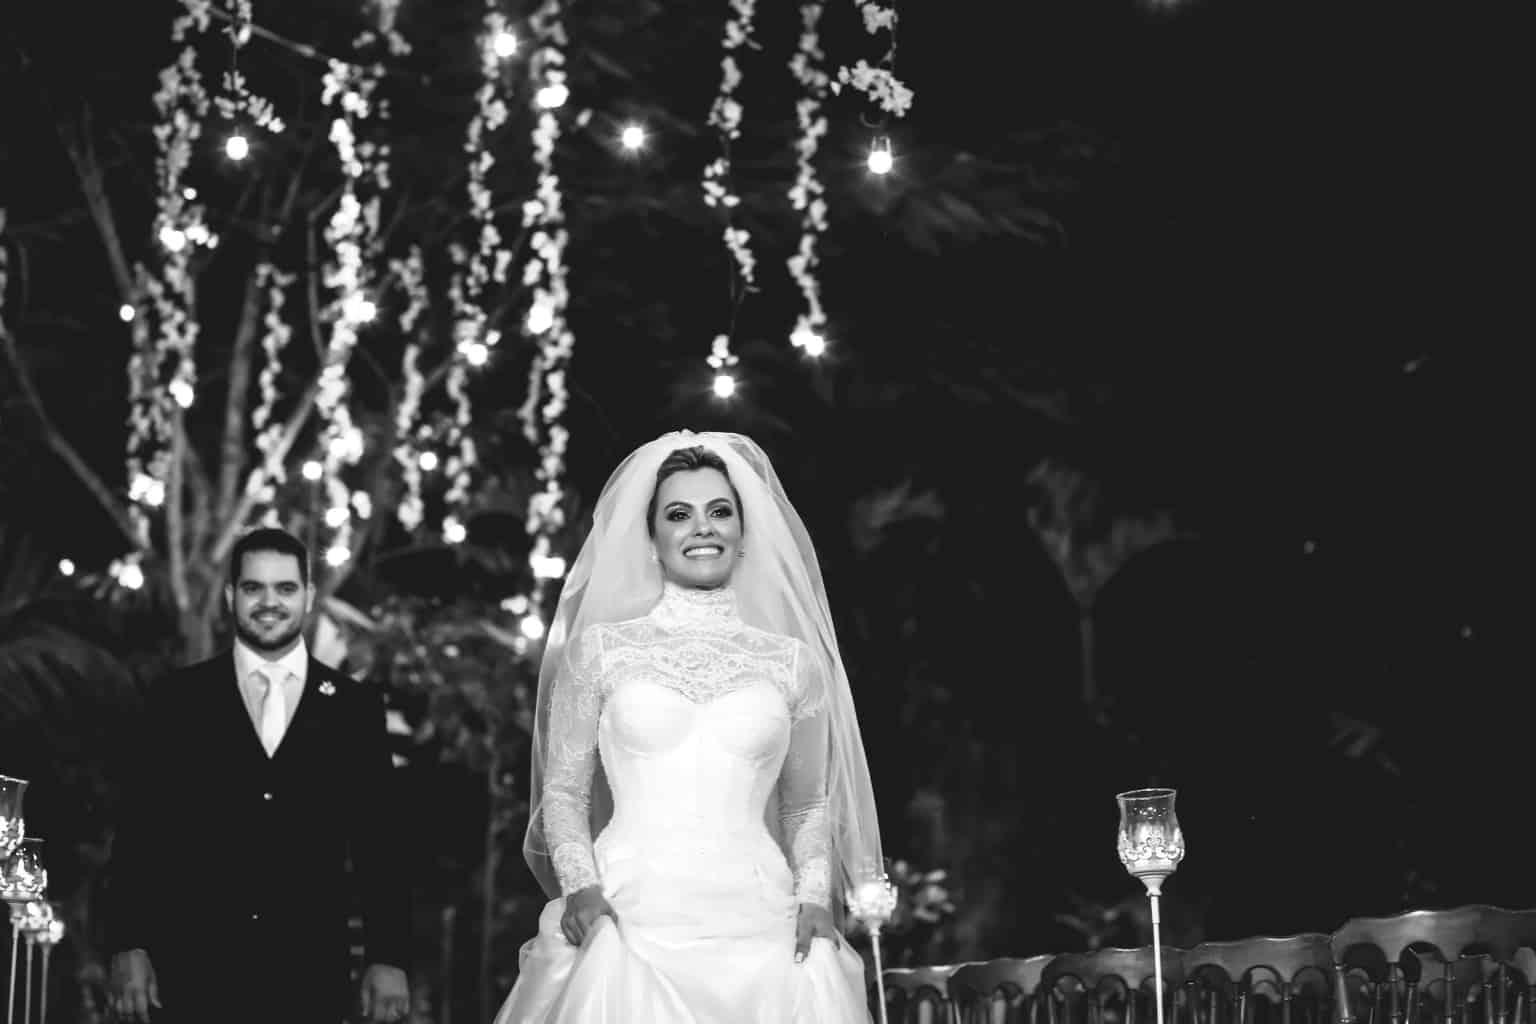 casamento-Juliana-e-Eduardo-foto-dos-noivos-Fotografia-Ricardo-Nascimento-e-Thereza-magno-Usina-dois-irmãos93